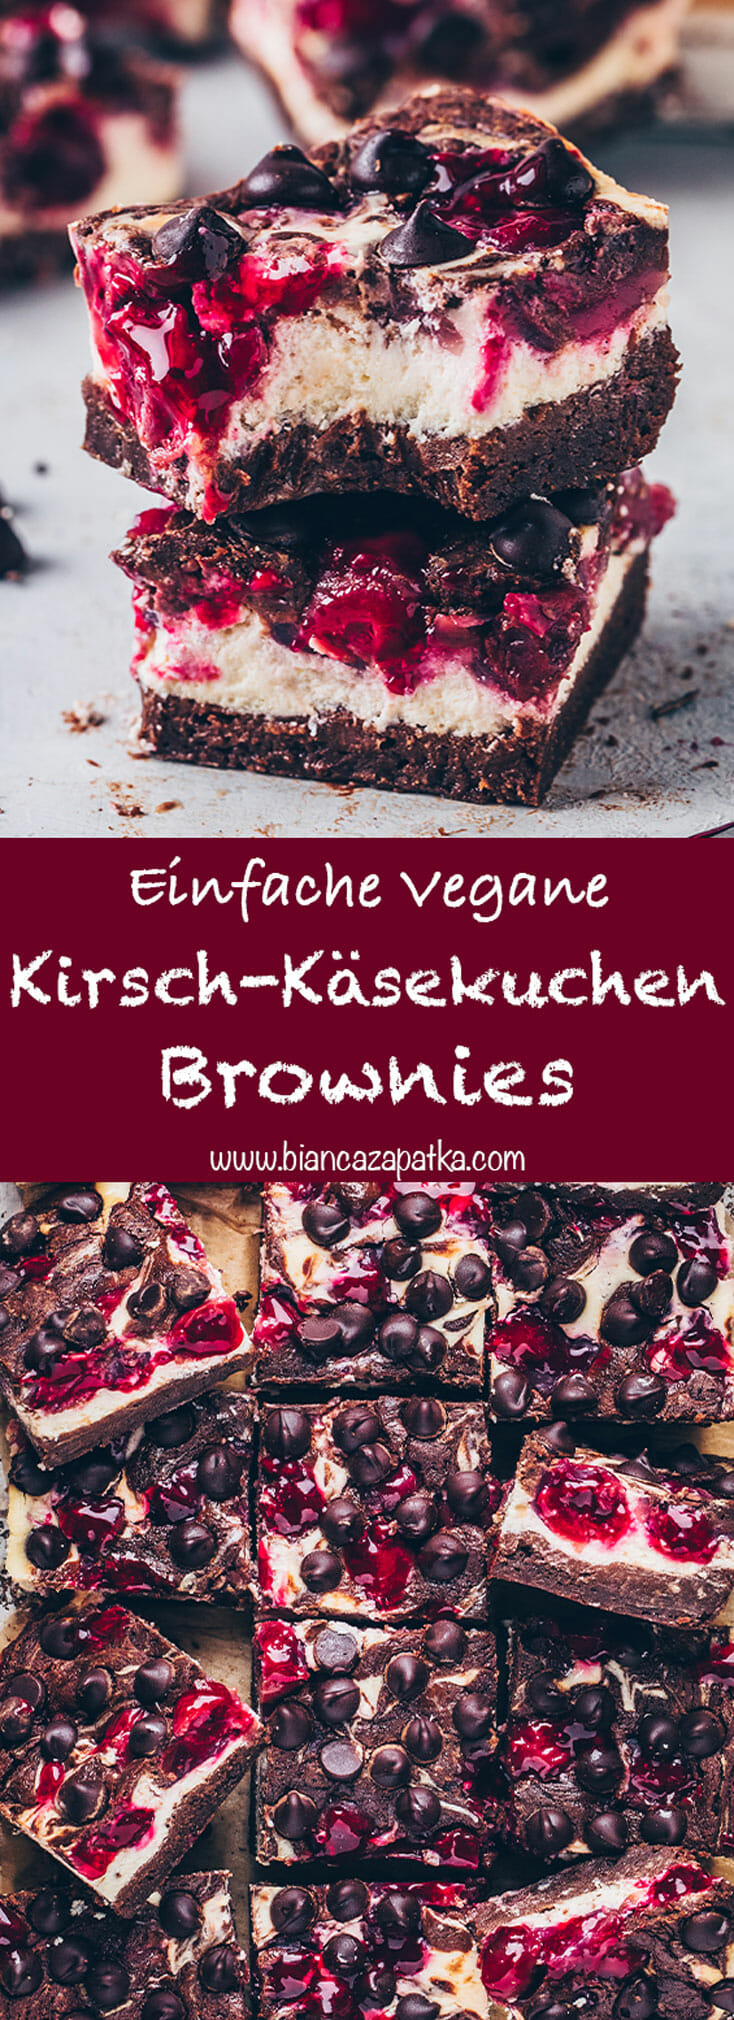 Käsekuchen-Brownies mit Kirschen